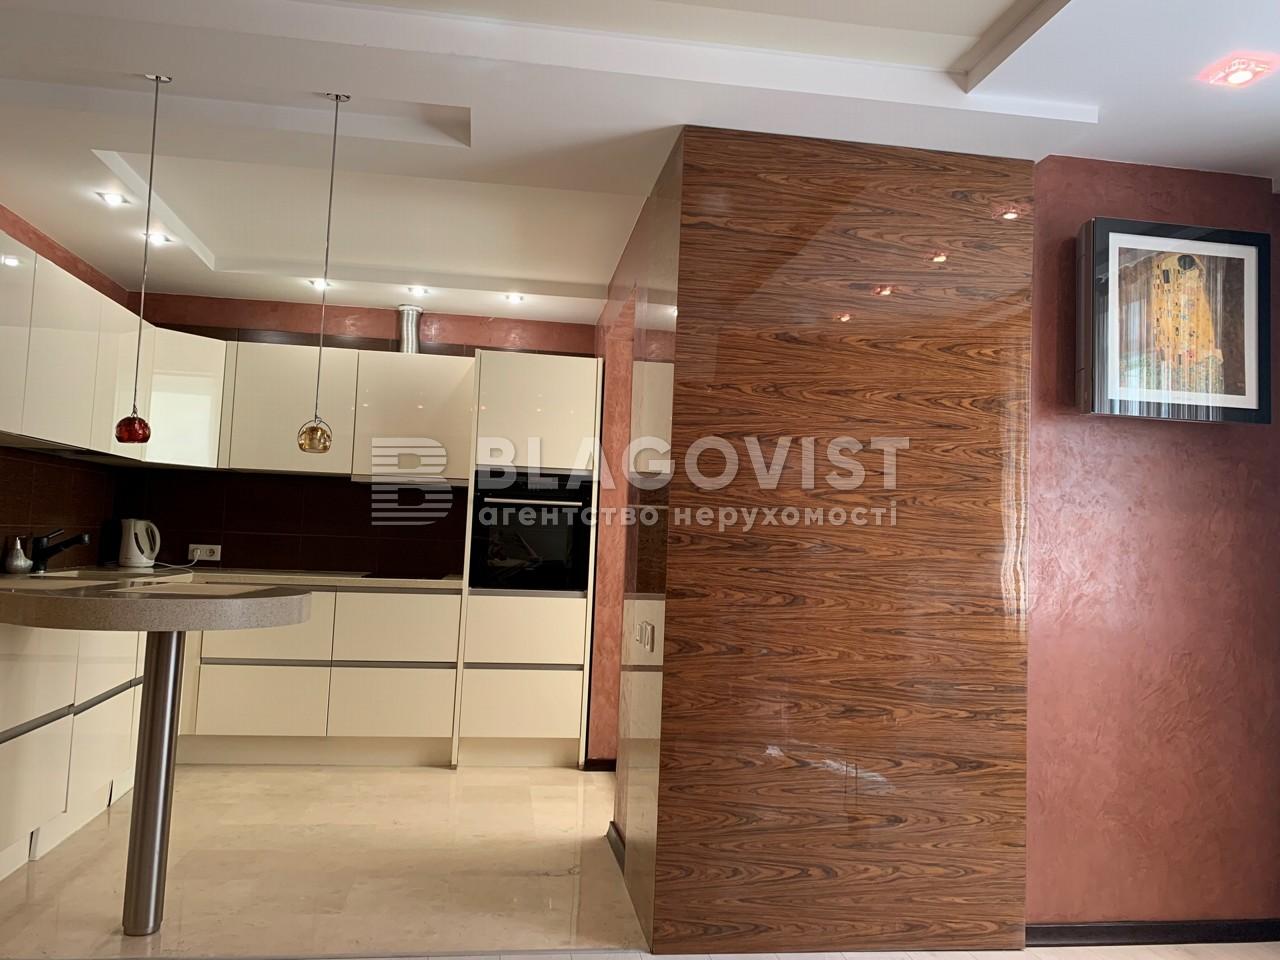 Квартира R-25704, Героев Сталинграда просп., 14, Киев - Фото 12